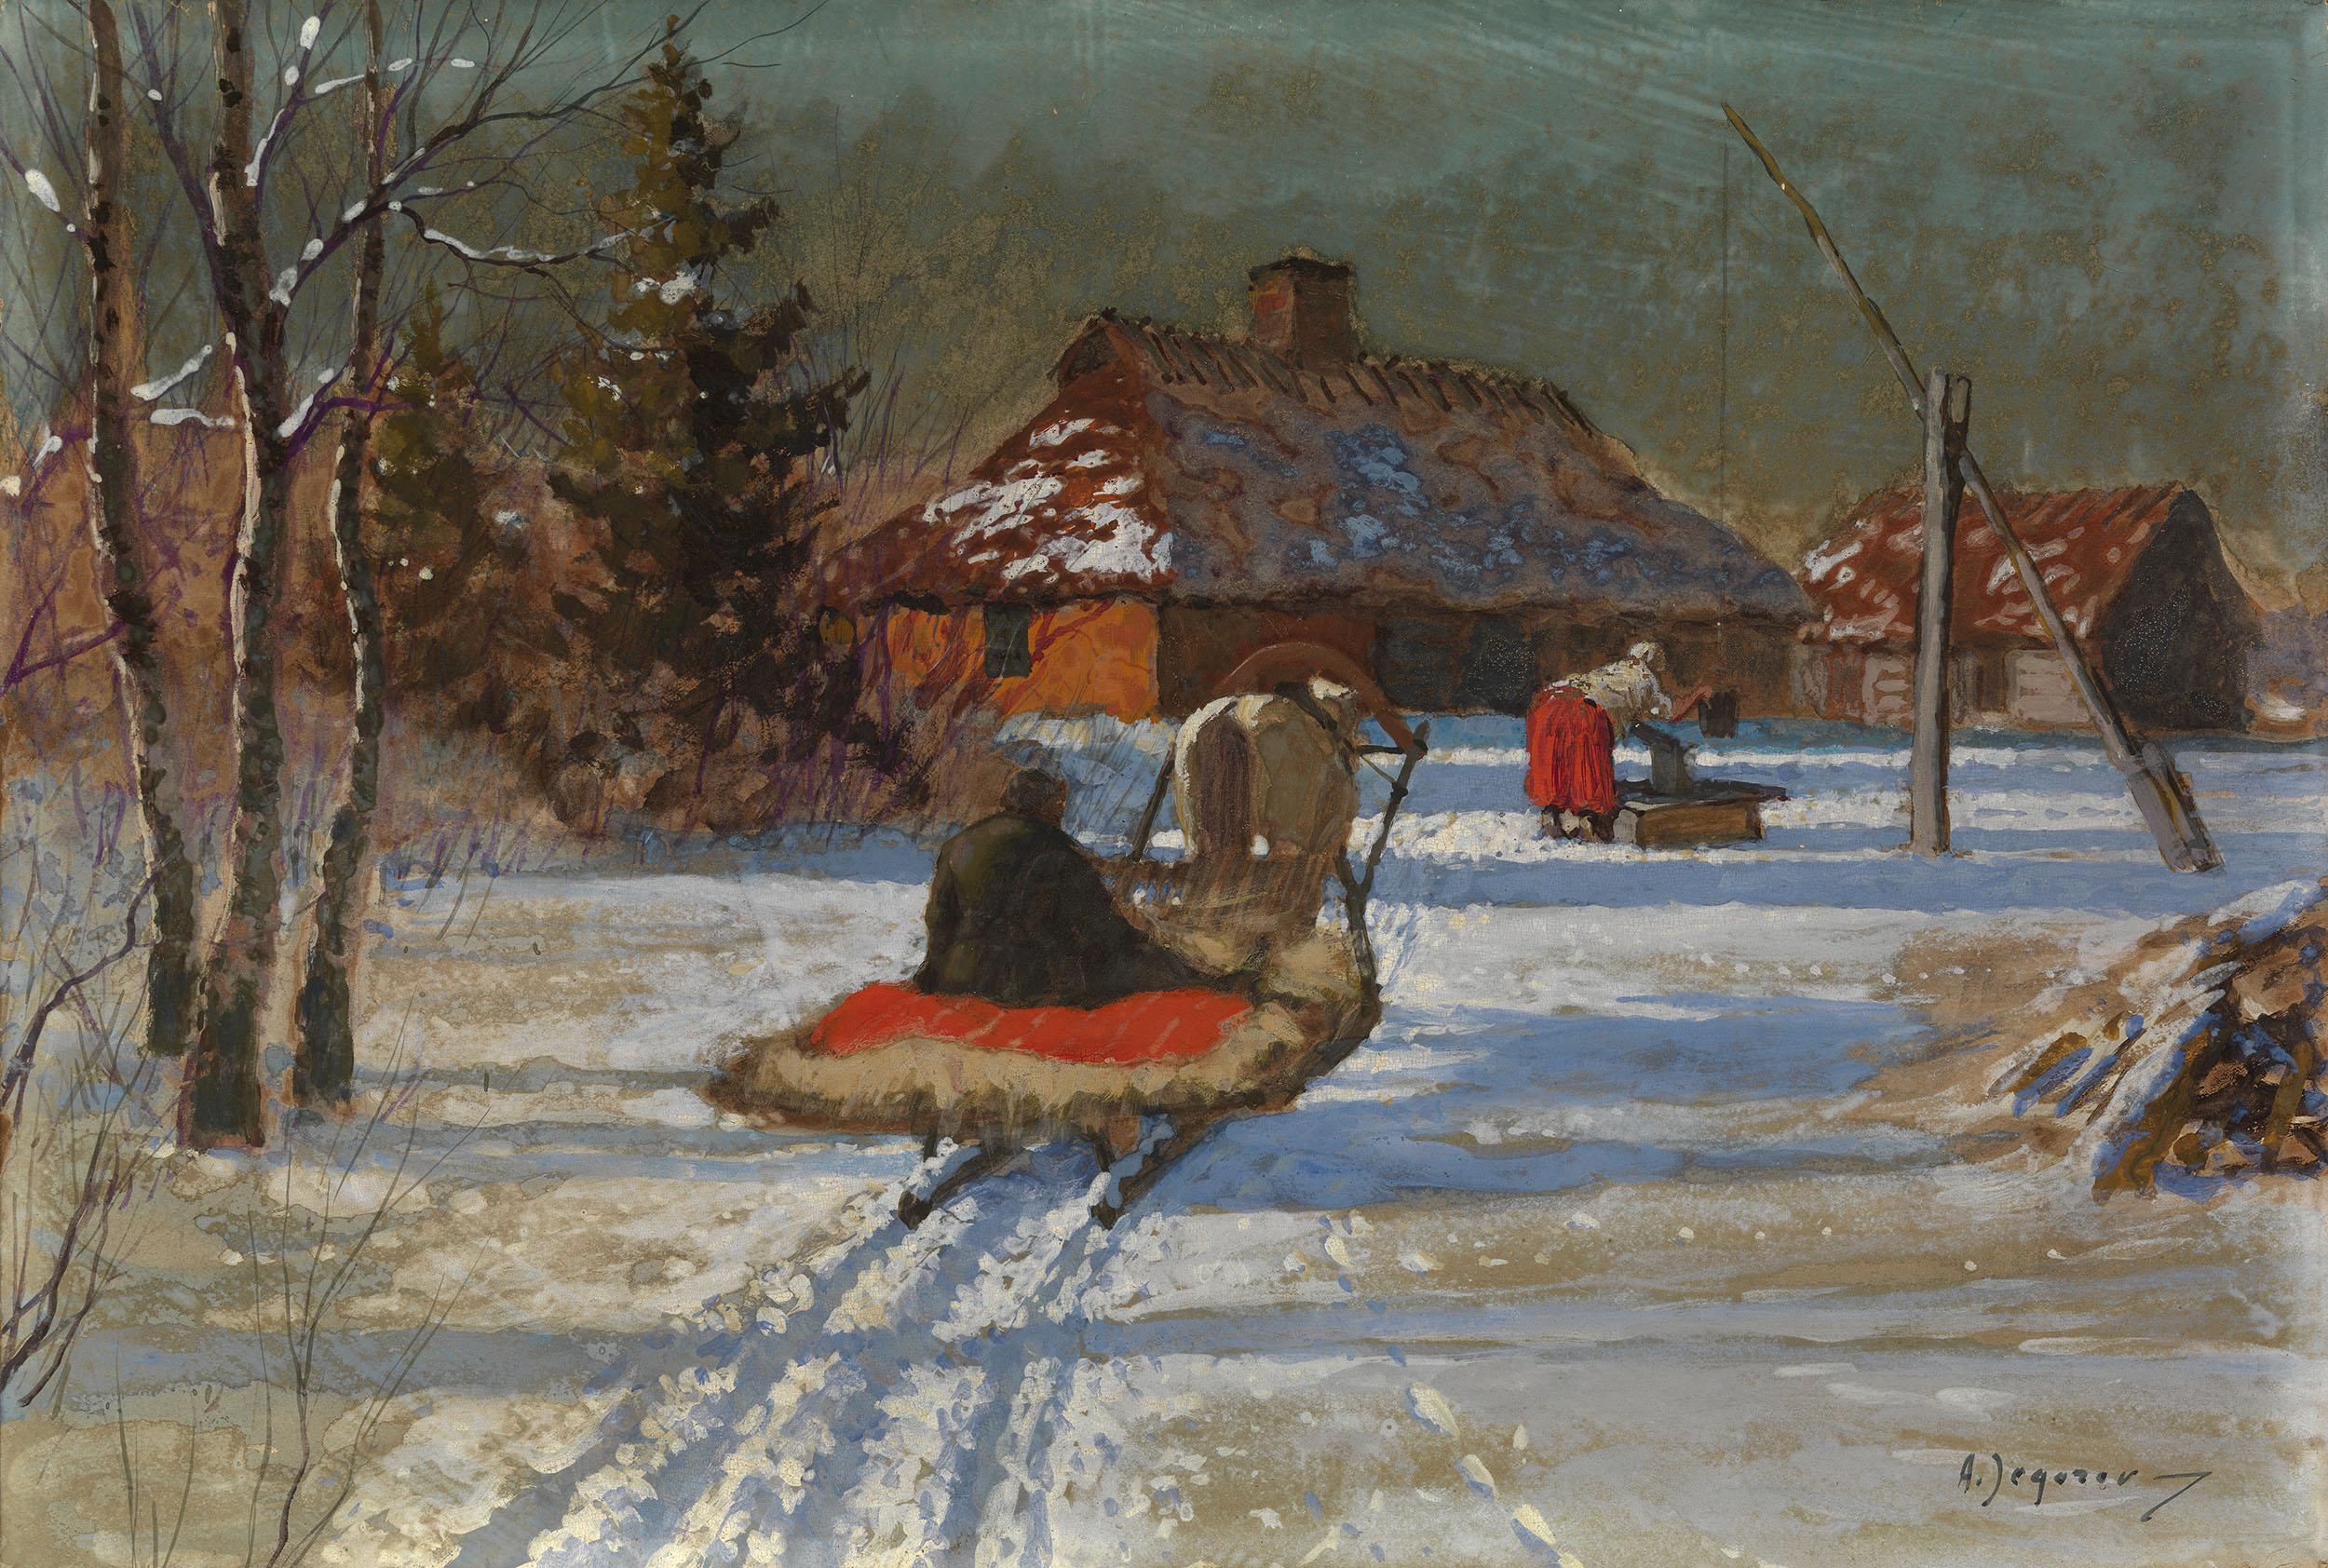 EGOROV, ANDREI A Winter's Evening